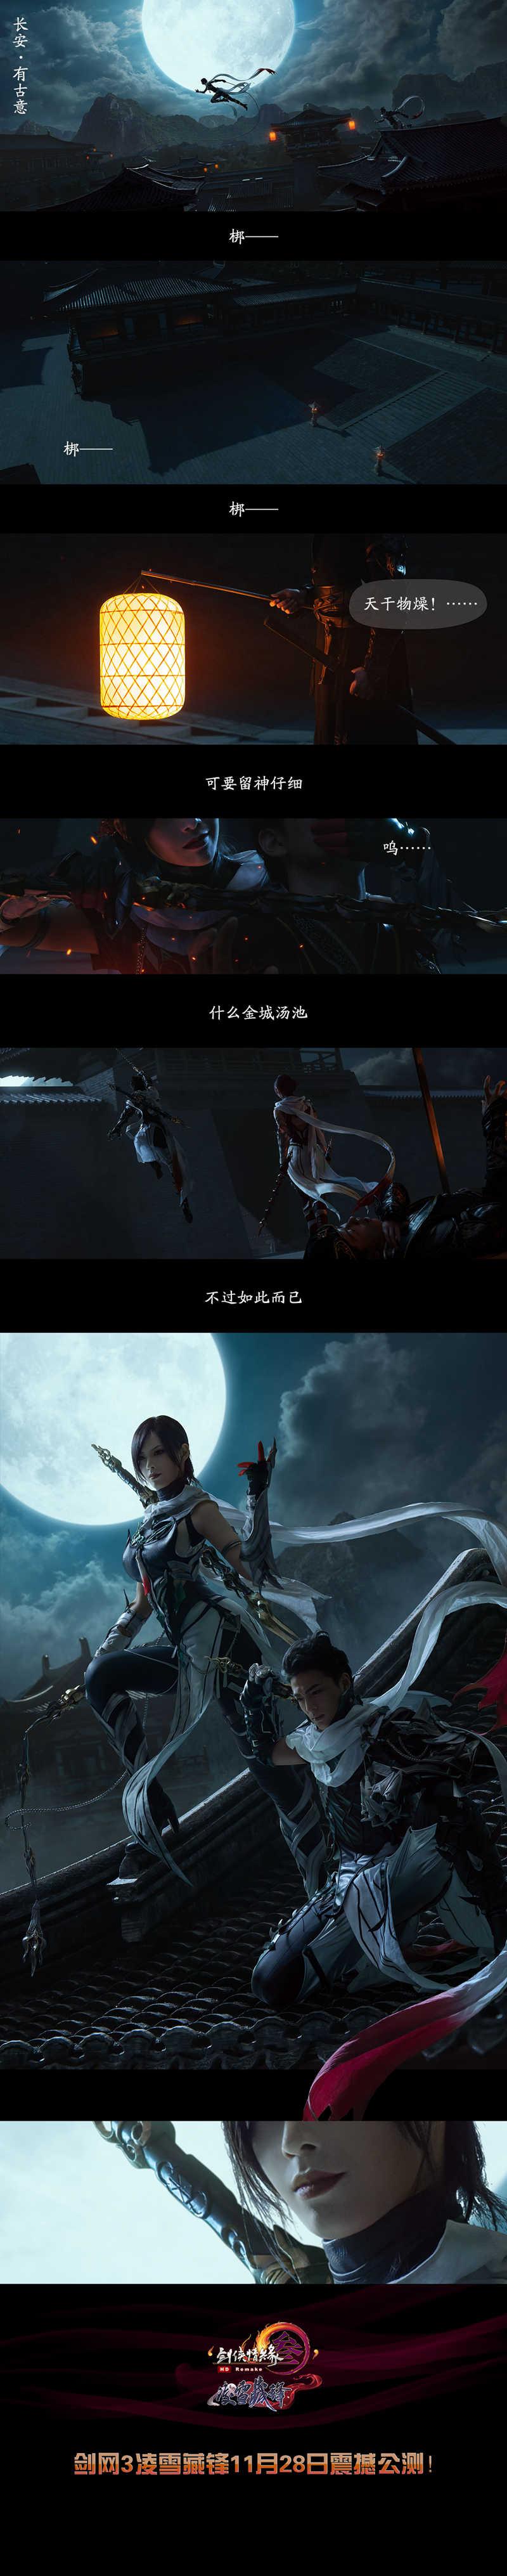 舞台剧专业演员加盟 《剑网3》凌雪阁官方COS公布